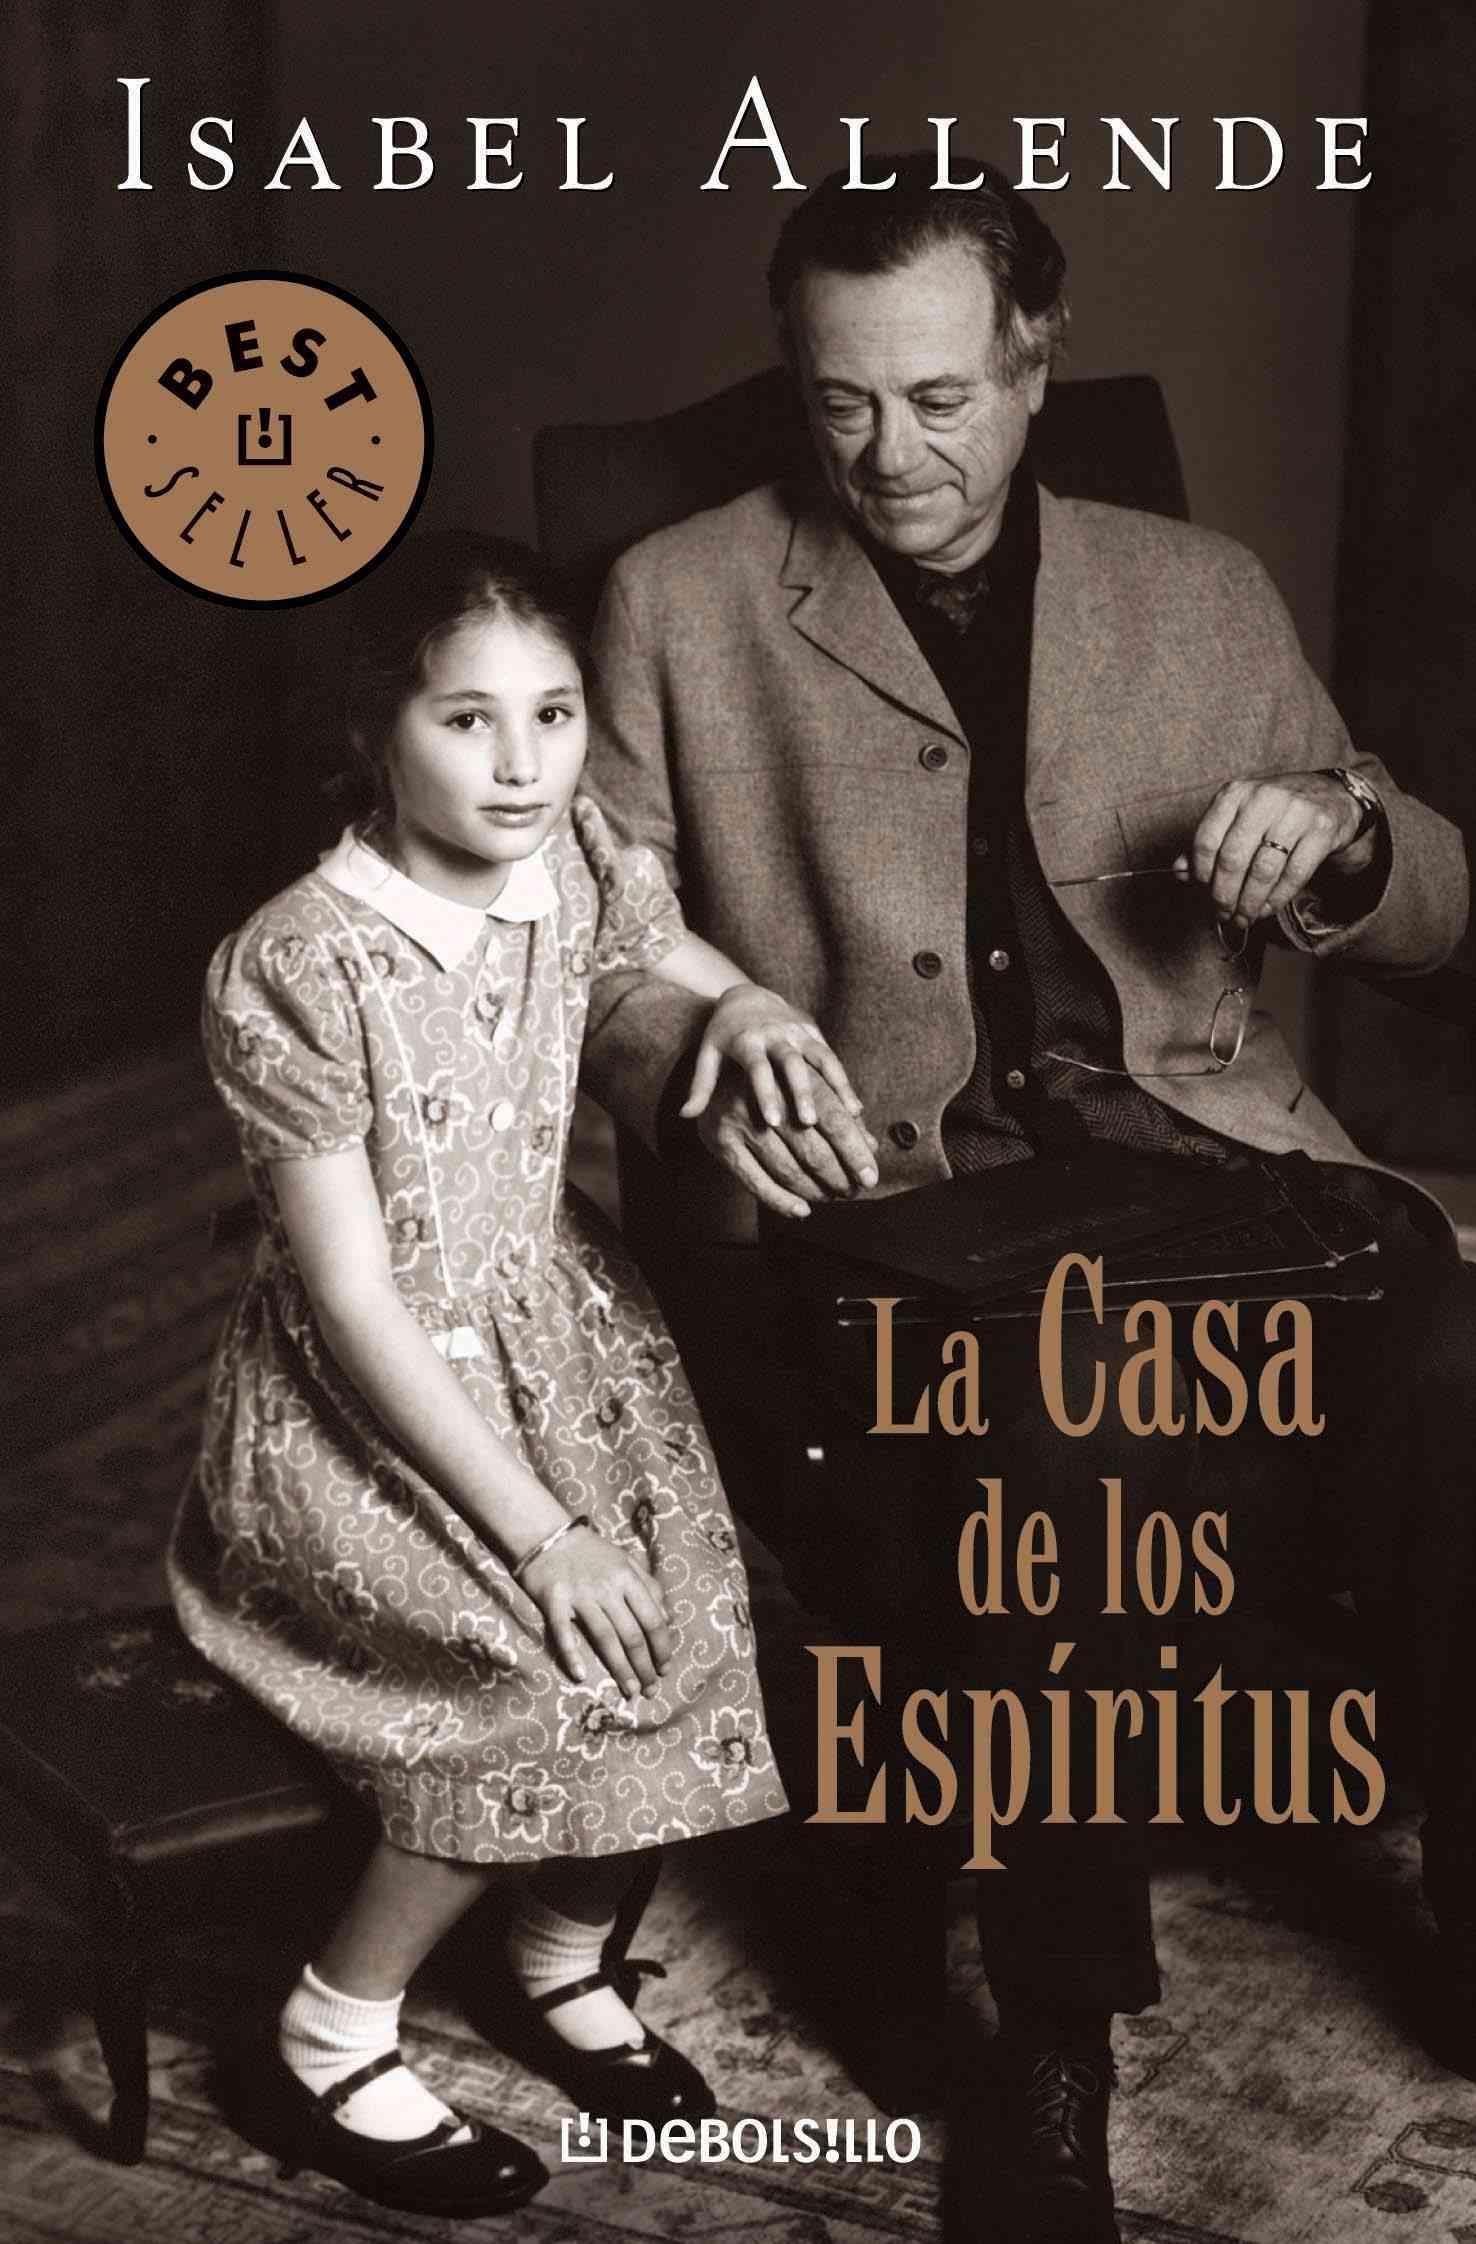 La casa de los espiritus de Isabel Allende